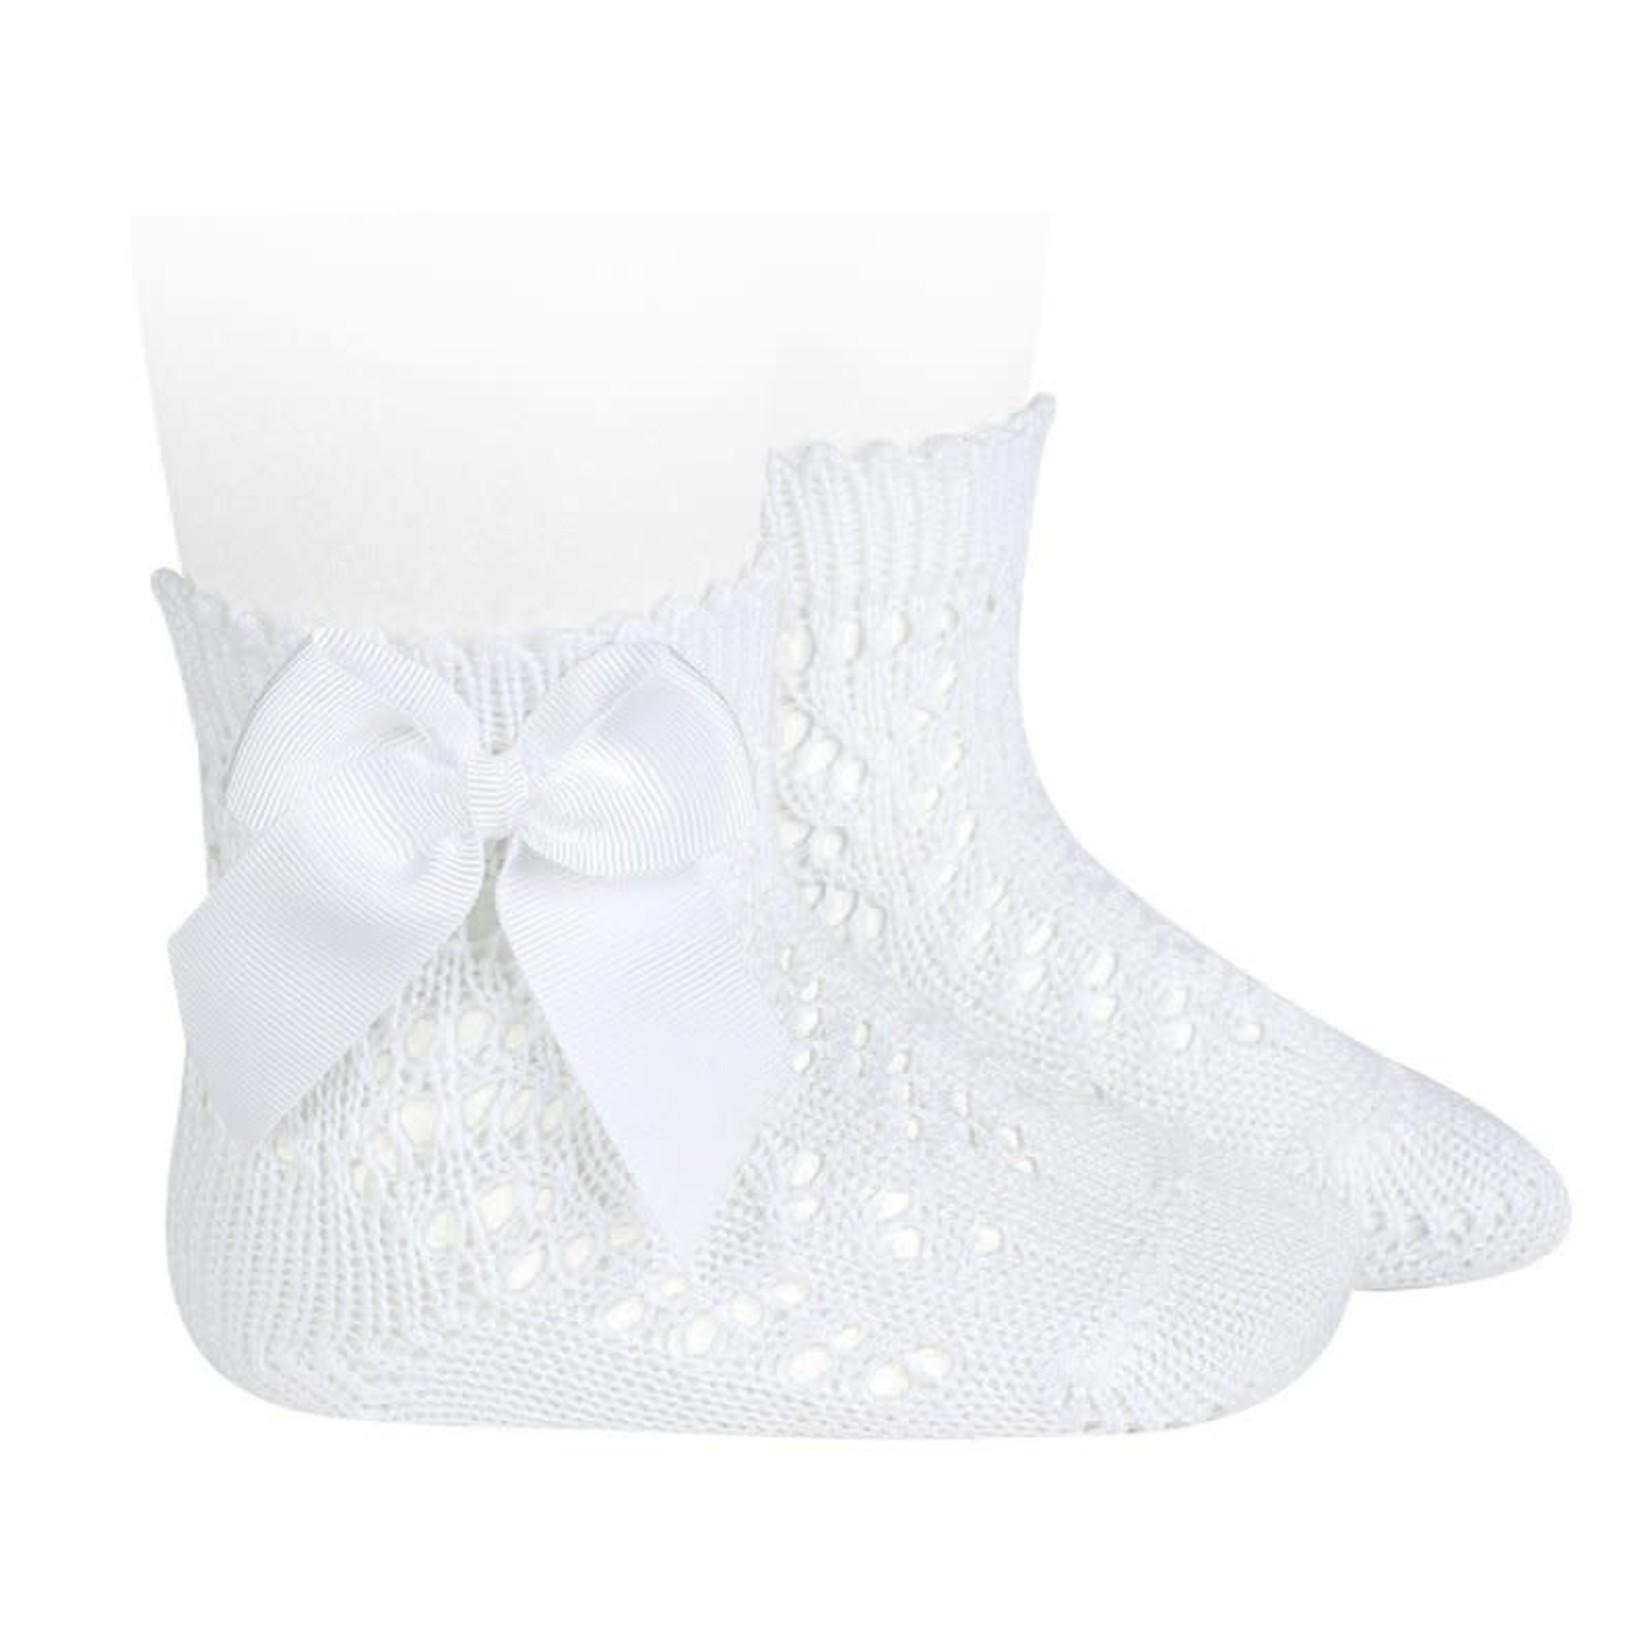 Condor Socks Open w/Bow - White